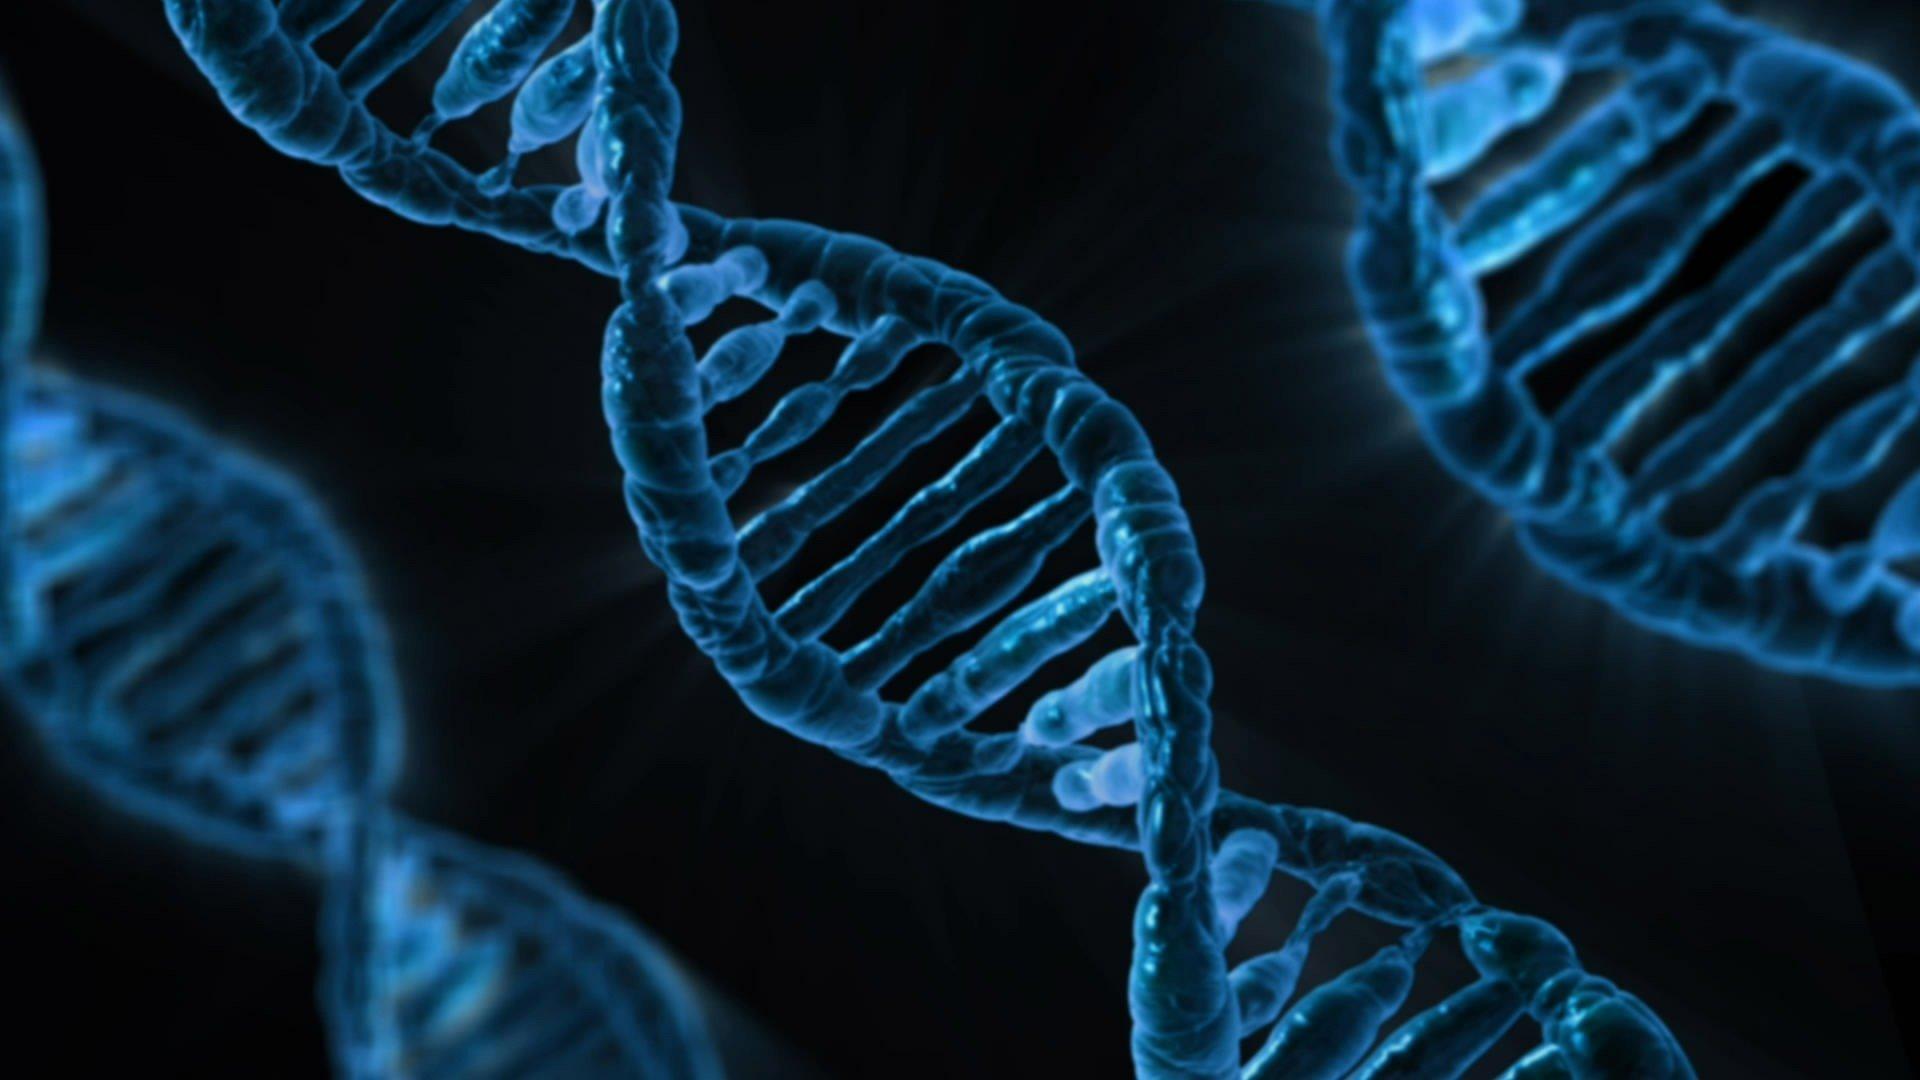 Komplementäre Polygenie ist ein Begriff aus der Genetik.